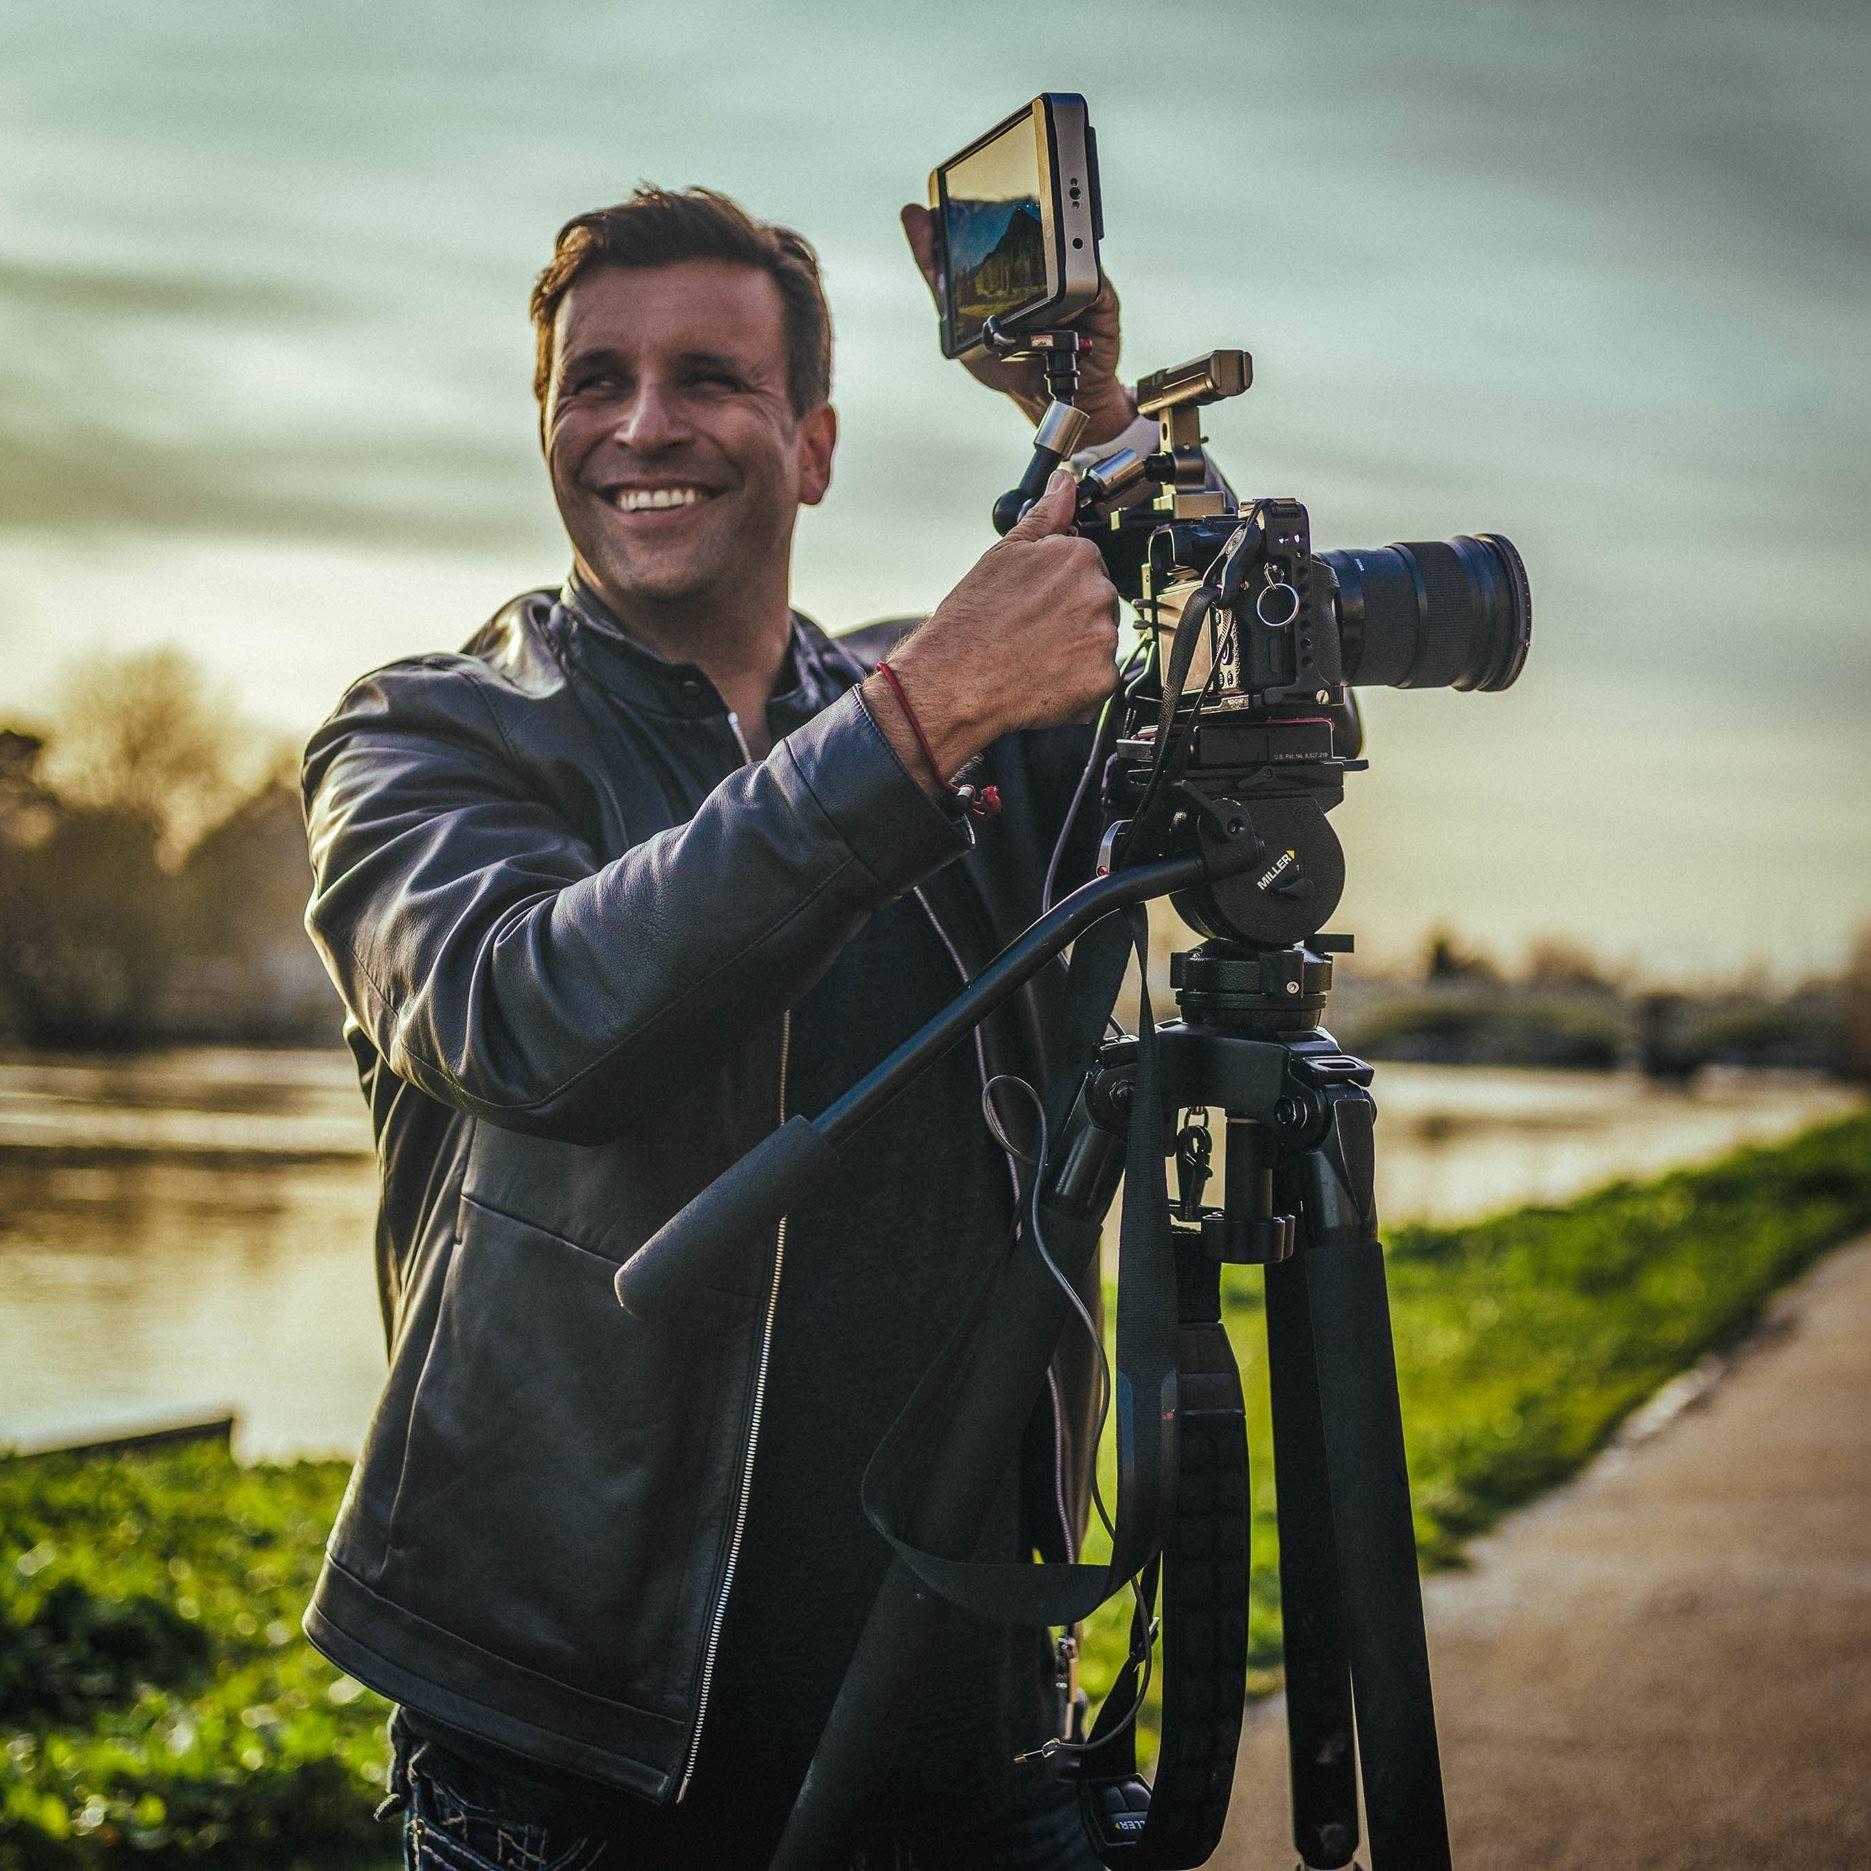 Philip Bloom - Philip Bloom este un cineast Britanic cu renume mondial care, în ultimii 10 ani din cariera sa de 27 de ani, s-a specializat în crearea unor imagini cinematografice incredibile, indiferent de camera folosită. Philip este foarte cunoscut în industrie pentru prezența sa atât în fața camerei cât și în spatele acesteia. Aprecierile sale cu privire la echipamentele de filmare sunt foarte populare datorită opiniilor sale obiective, cunoștințelor și remarcilor sale îndrăznețe.A lucrat pentru toate posturile principale de difuzare media din UK, cum ar fi BBC, ITV, C4 și Sky, precum și pentru numeroase companii de producție independente și mulți alții din întreaga lume inclusiv CNN, CBS, Discovery, FOX și NBC.Philip este într-o continuă extindere a abilităților sale creative, experimentând mereu cu noua tehnologie. Monitorizarea atentă a conturilor sale pe platformele de social media precum Facebook, Twitter și Instagram precum și site-ul său enorm de popular sunt frecvent folosite pentru a ajuta și educa realizatorii de filme din toate nivele profesionale.În plus față de activitatea sa de educare din online, el călătorește frecvent în diverse părți ale lumii pentru a învăța realizatorii de filme tineri și bătrâni tehnici mai eficiente. Nu doar prin intermediul tehnologiei dar și prin abilități mai bune de storytelling. Ateliere sale de lucru au avut un succes enorm în jurul lumii și el va continua să le conducă cât mai mult posibil, fiindcă învățarea nu se oprește niciodată.